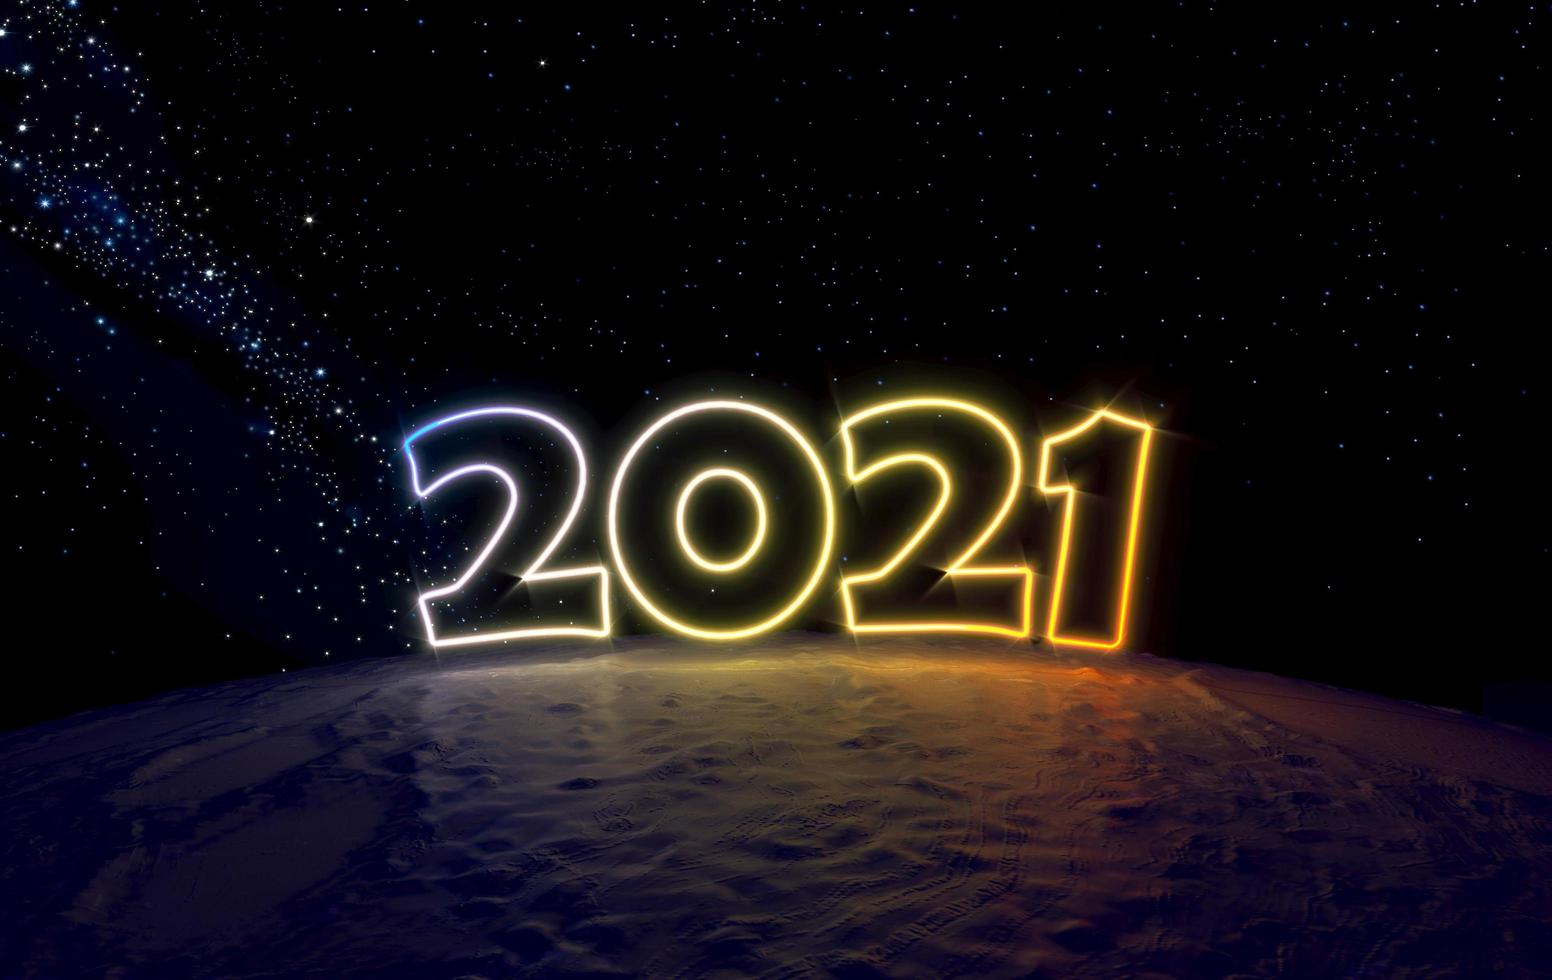 3D-afbeelding van 2021 in de ruimte foto